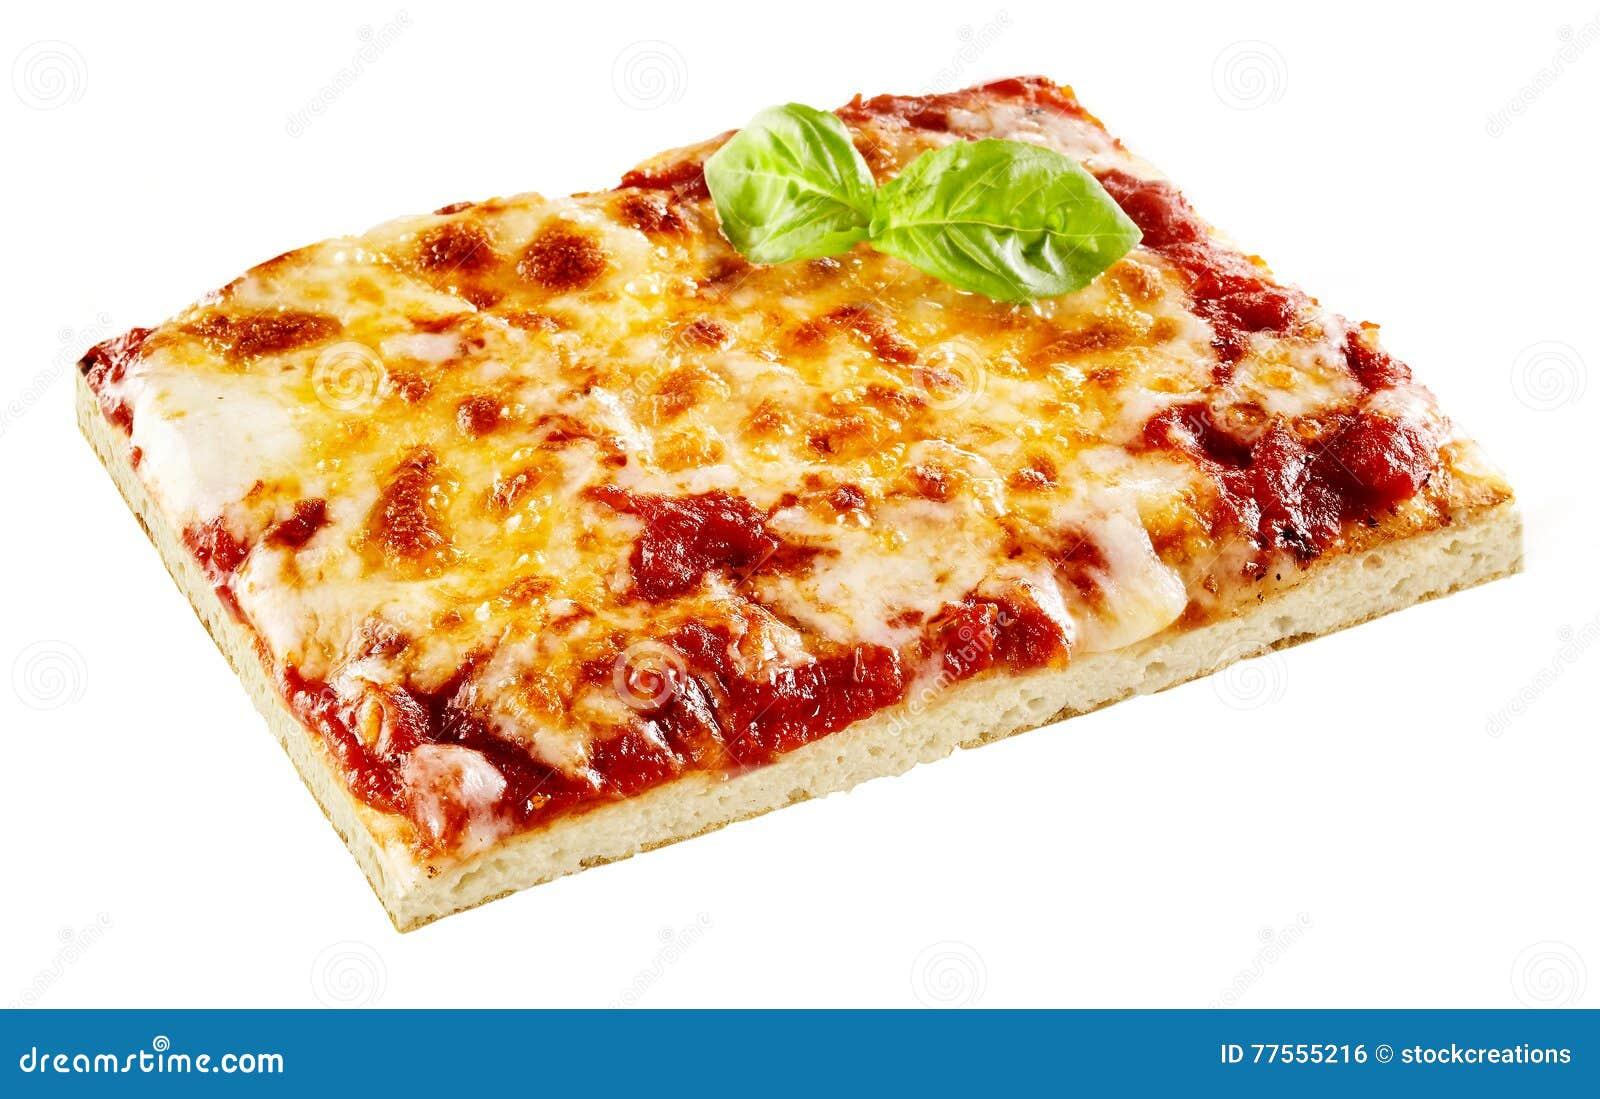 la tranche carr e de pizza de fromage avec le basilic part photo stock image du nourriture. Black Bedroom Furniture Sets. Home Design Ideas